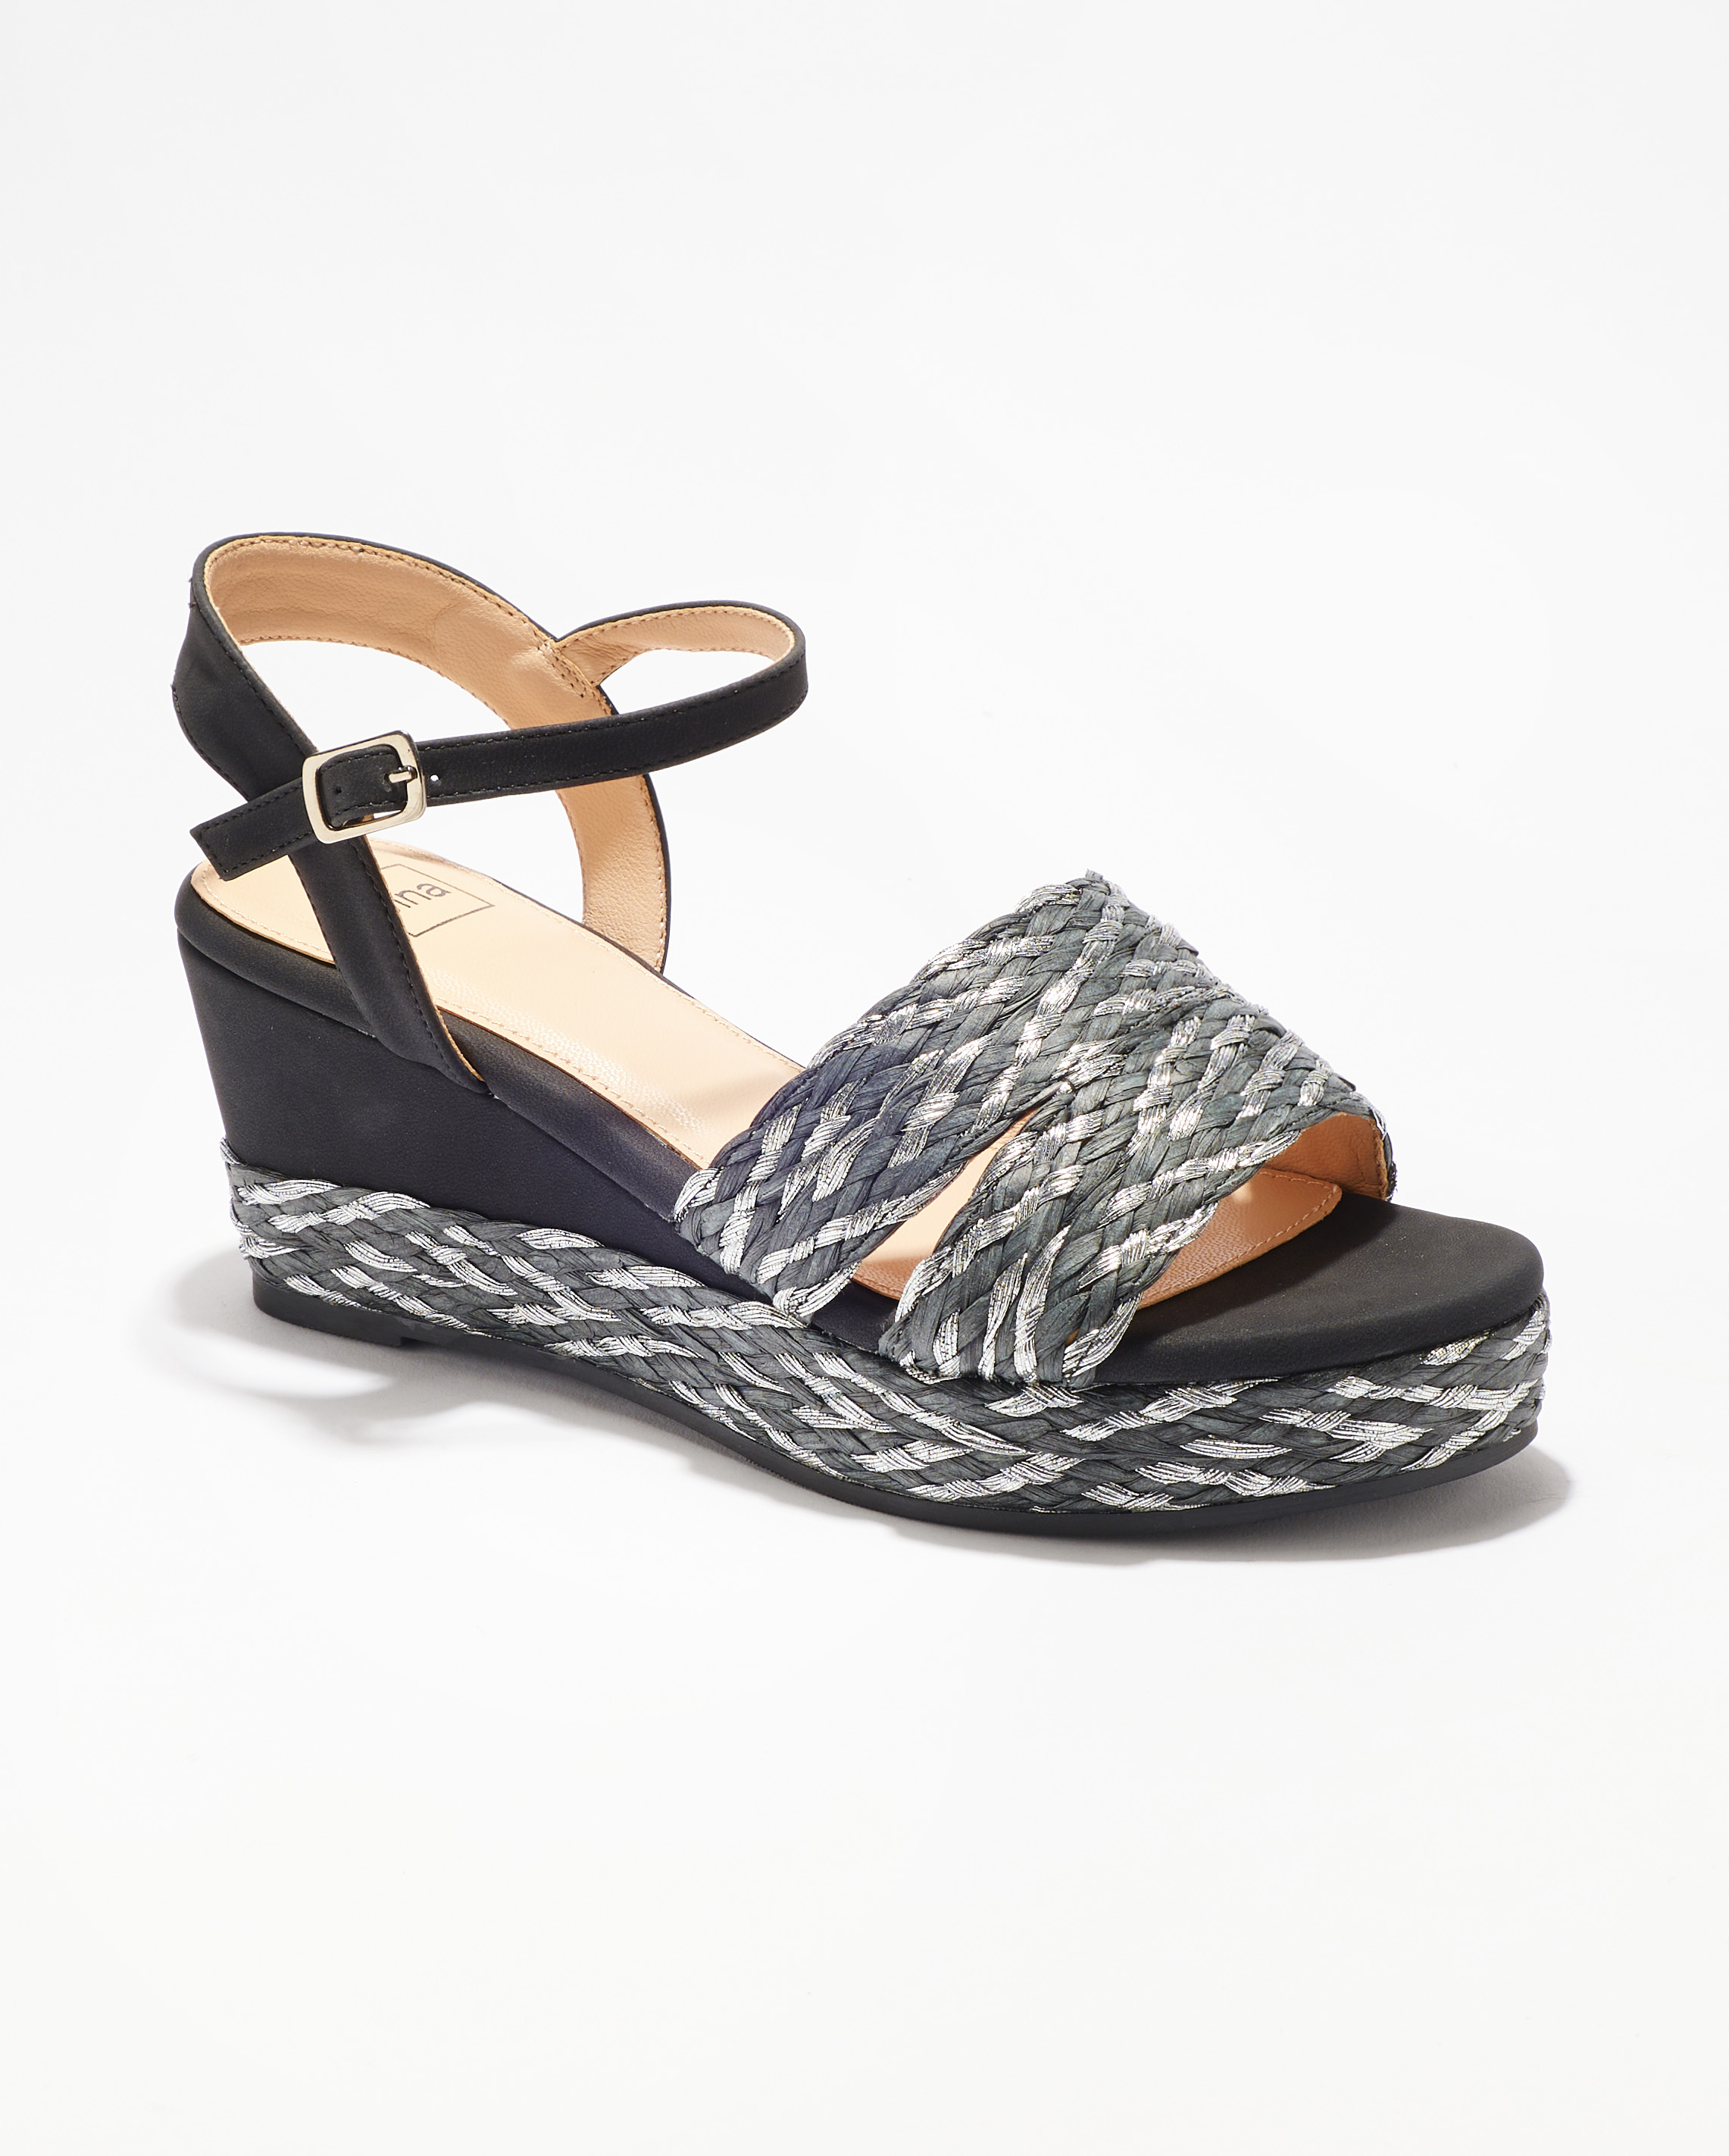 Sandales Compensées Femme - Sandale Talon Compensee Noir Jina - Mgf13-H04